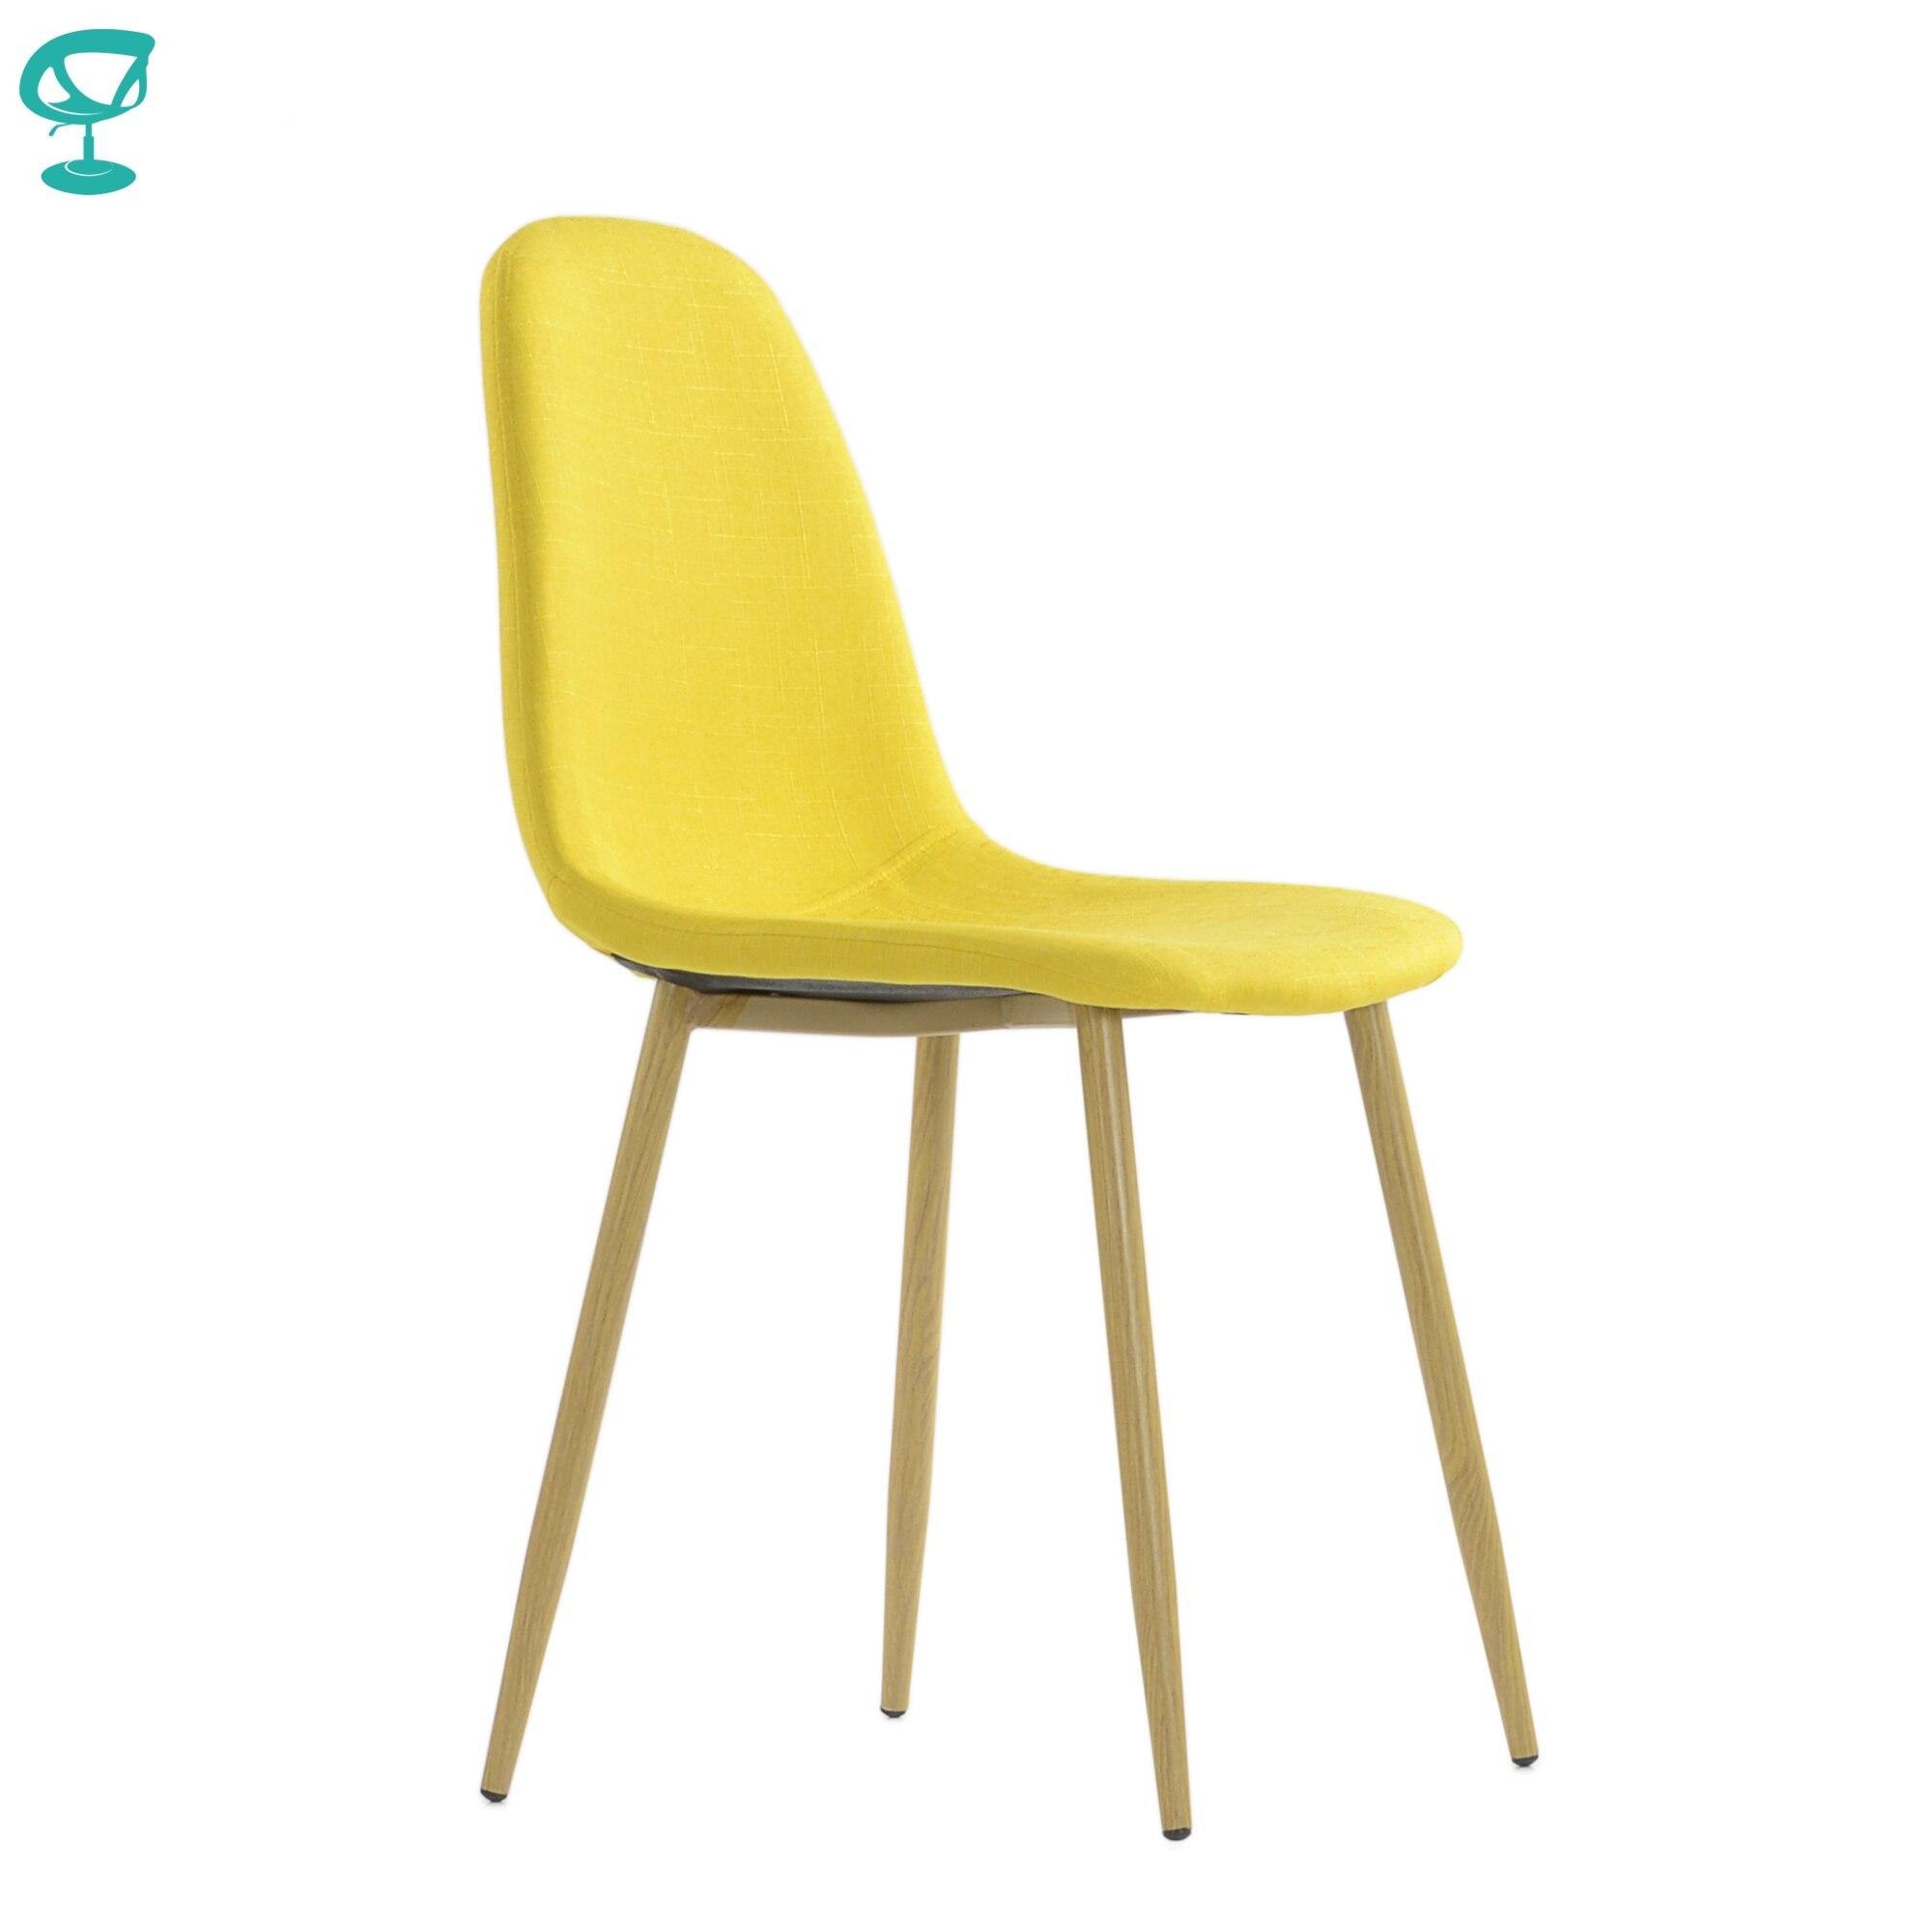 95745 Barneo S-15 cuisine chaise jambes métal siège tissu chaise pour salon chaise à manger chaise table chaise meubles pour cuisine